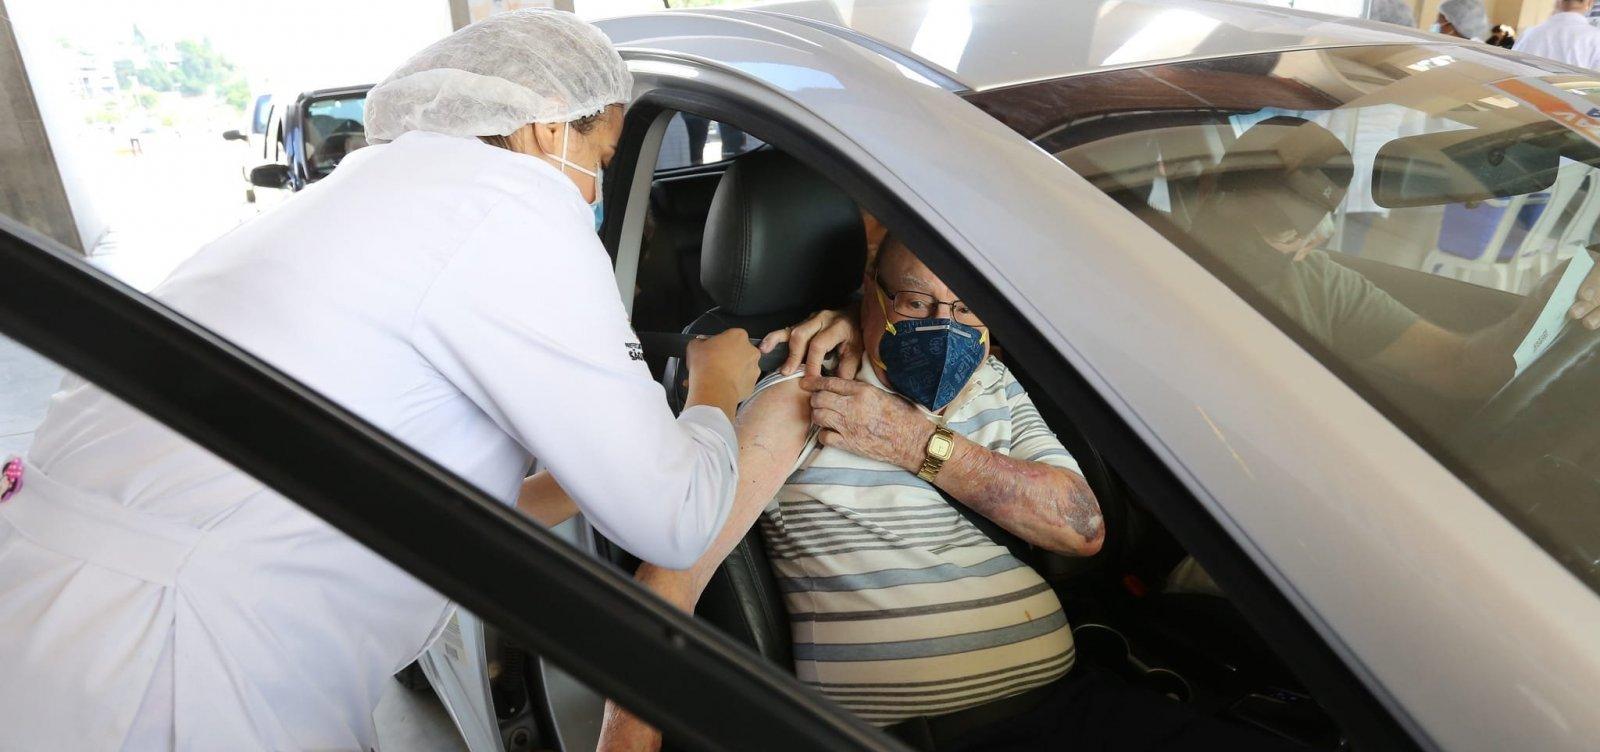 Brasil já vacinou 4,58 milhões de pessoas, diz consórcio de imprensa